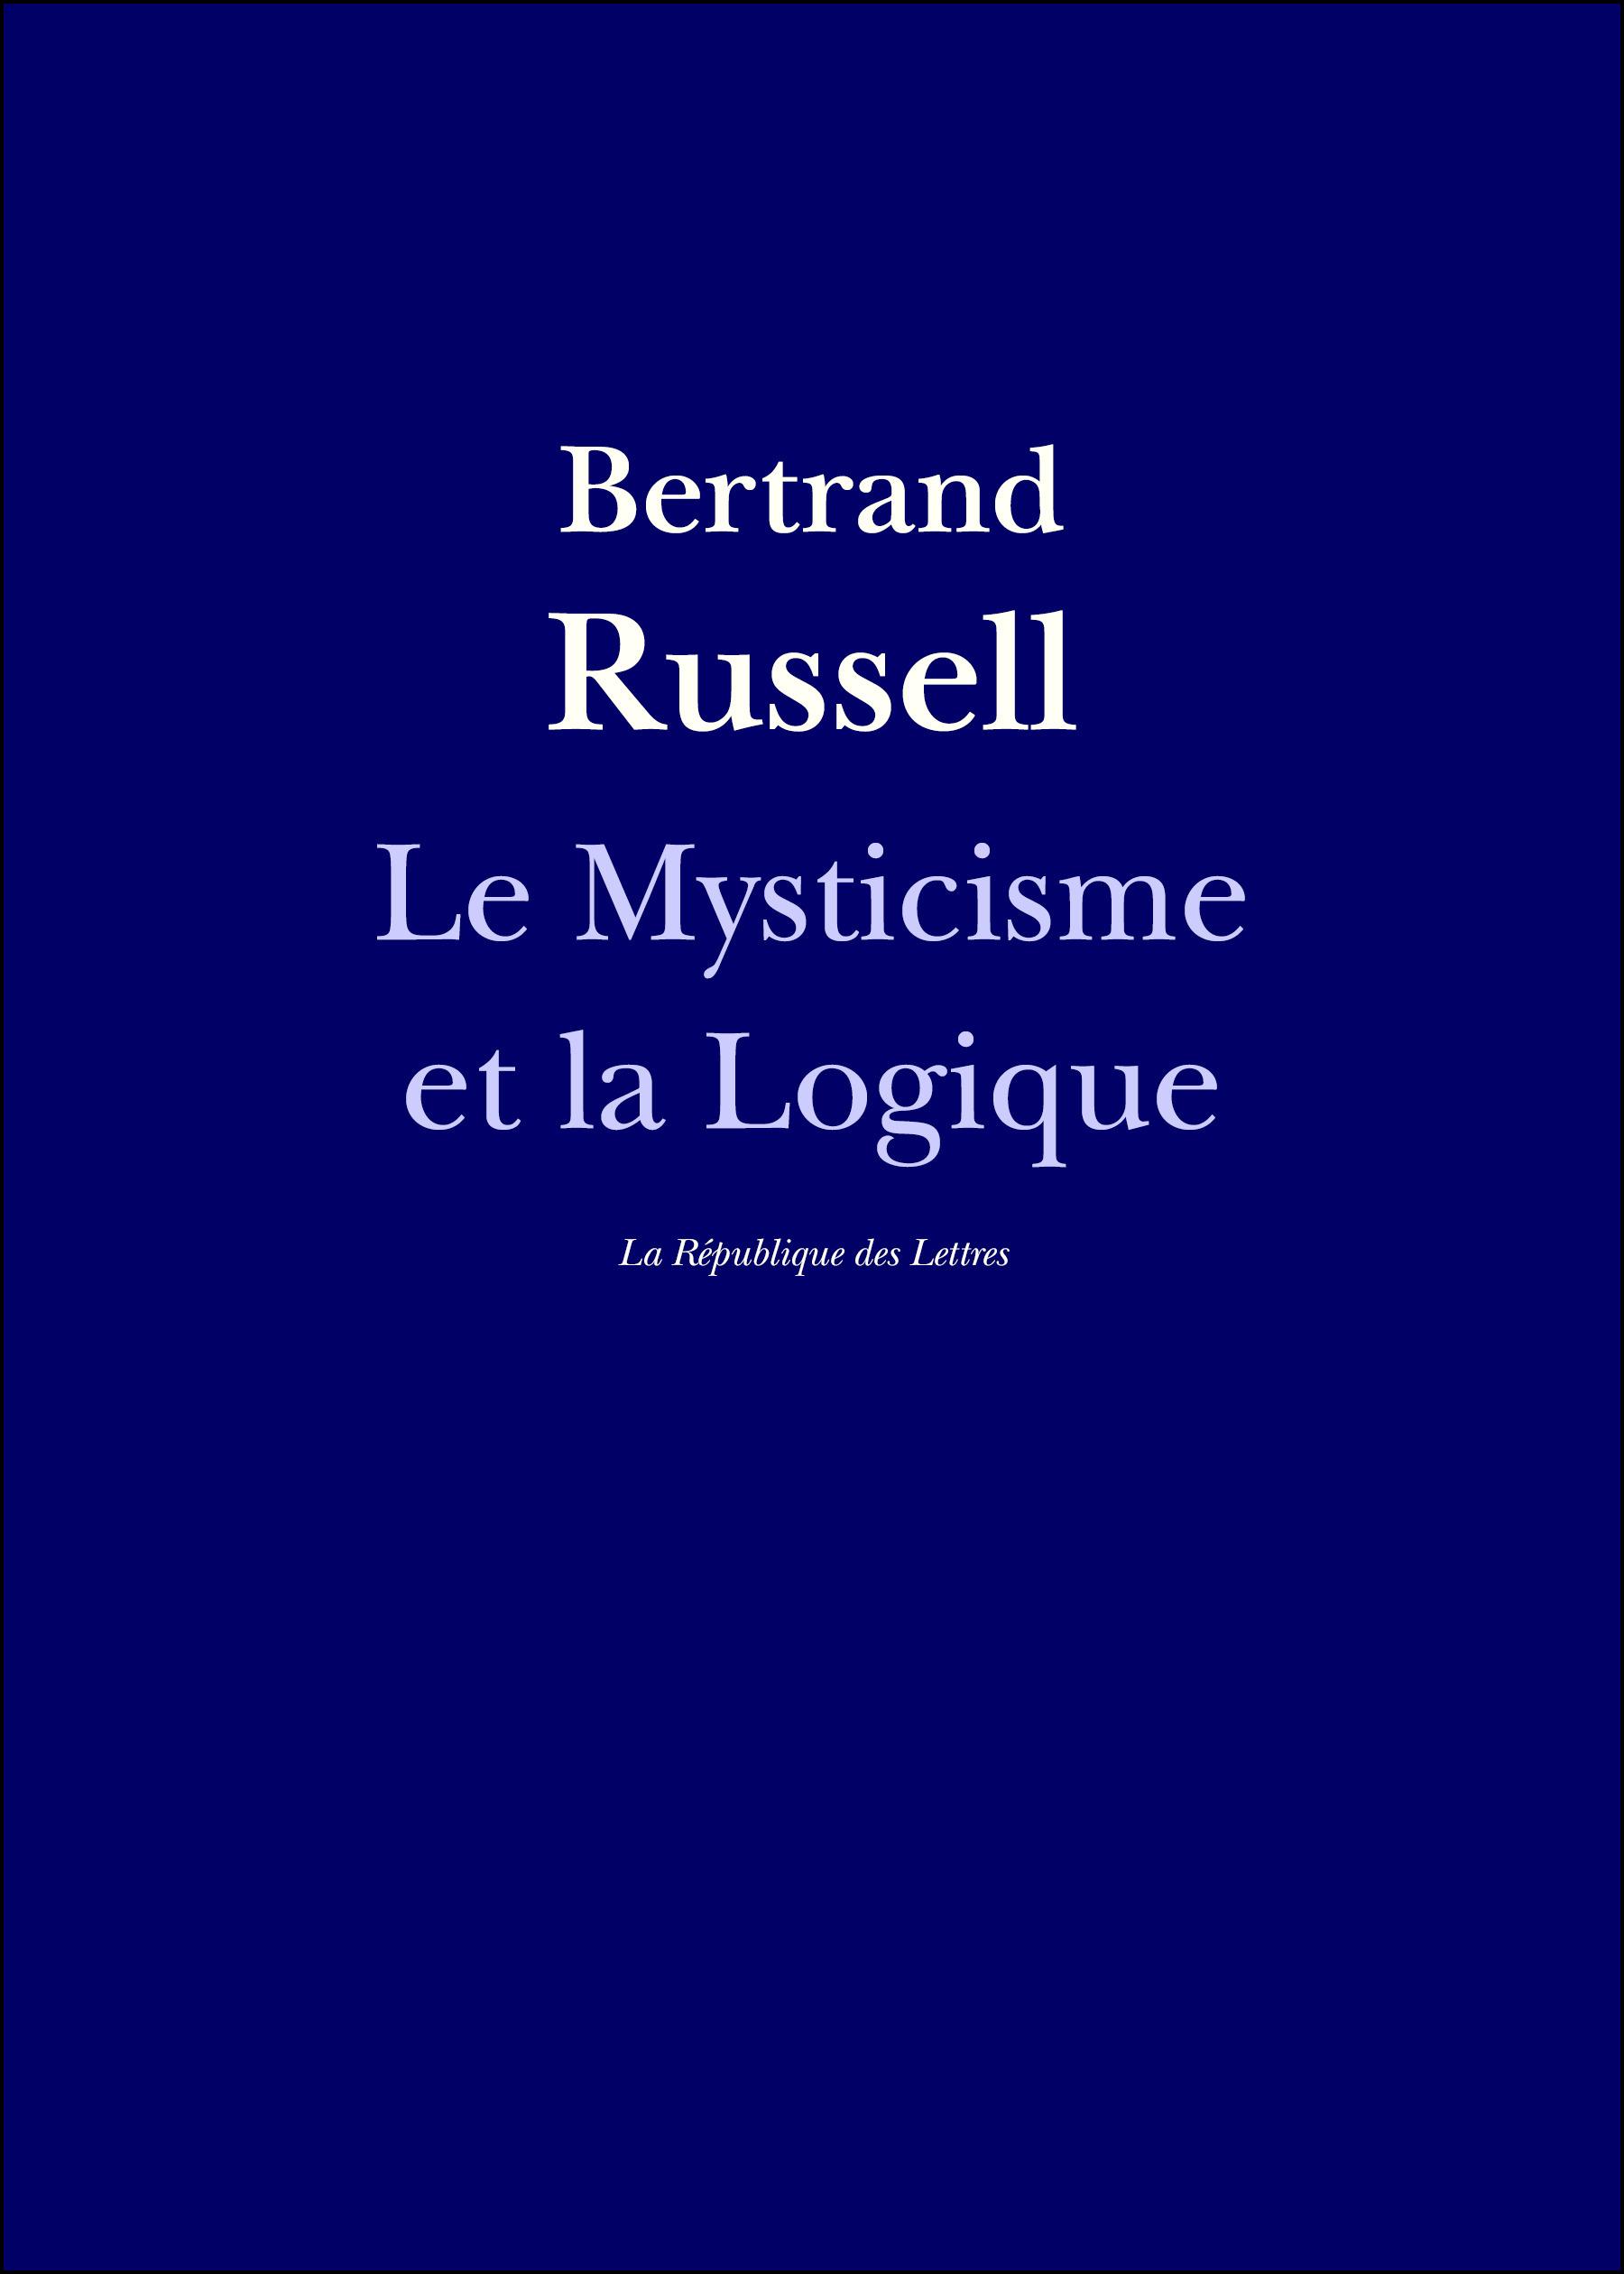 Bertrand Russell Le mysticisme et la logique